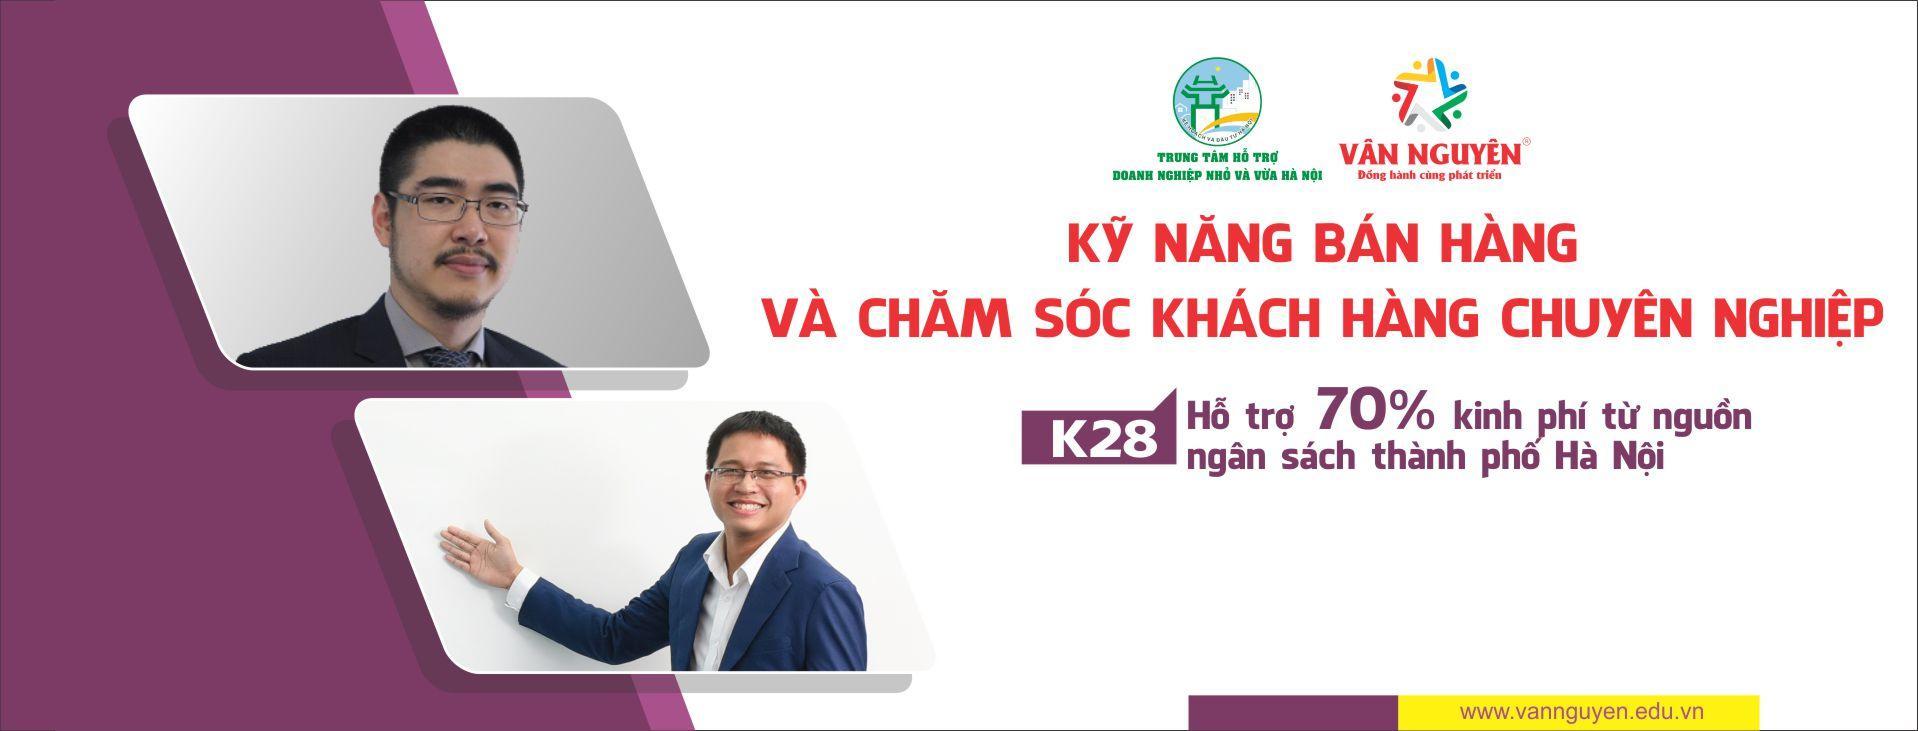 Kỹ năng bán hàng và chăm sóc khách hàng chuyên nghiệp – K28